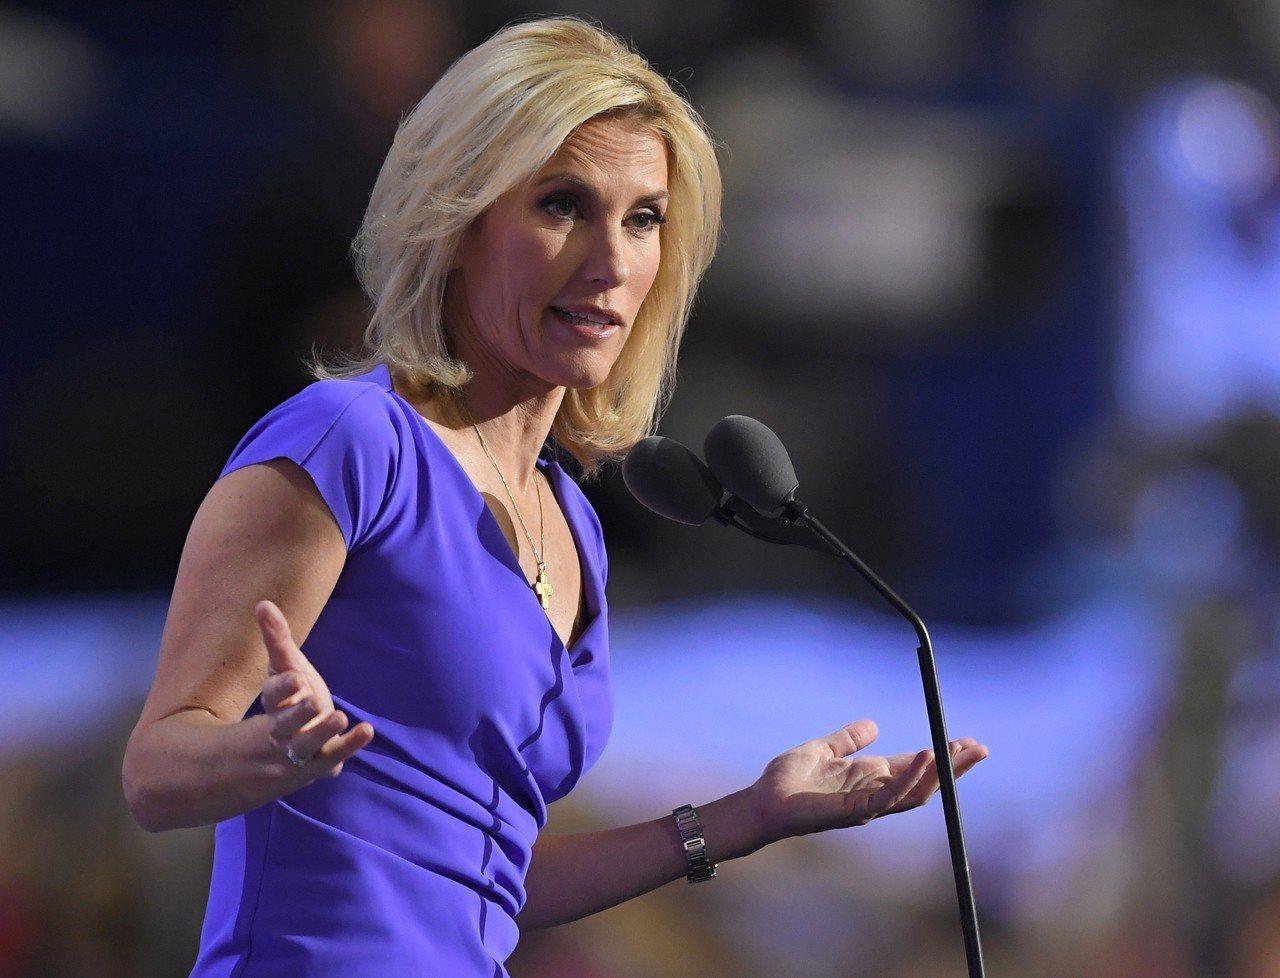 保守派名嘴、福斯新聞網(Fox News)節目主持人殷格哈姆。 美聯社